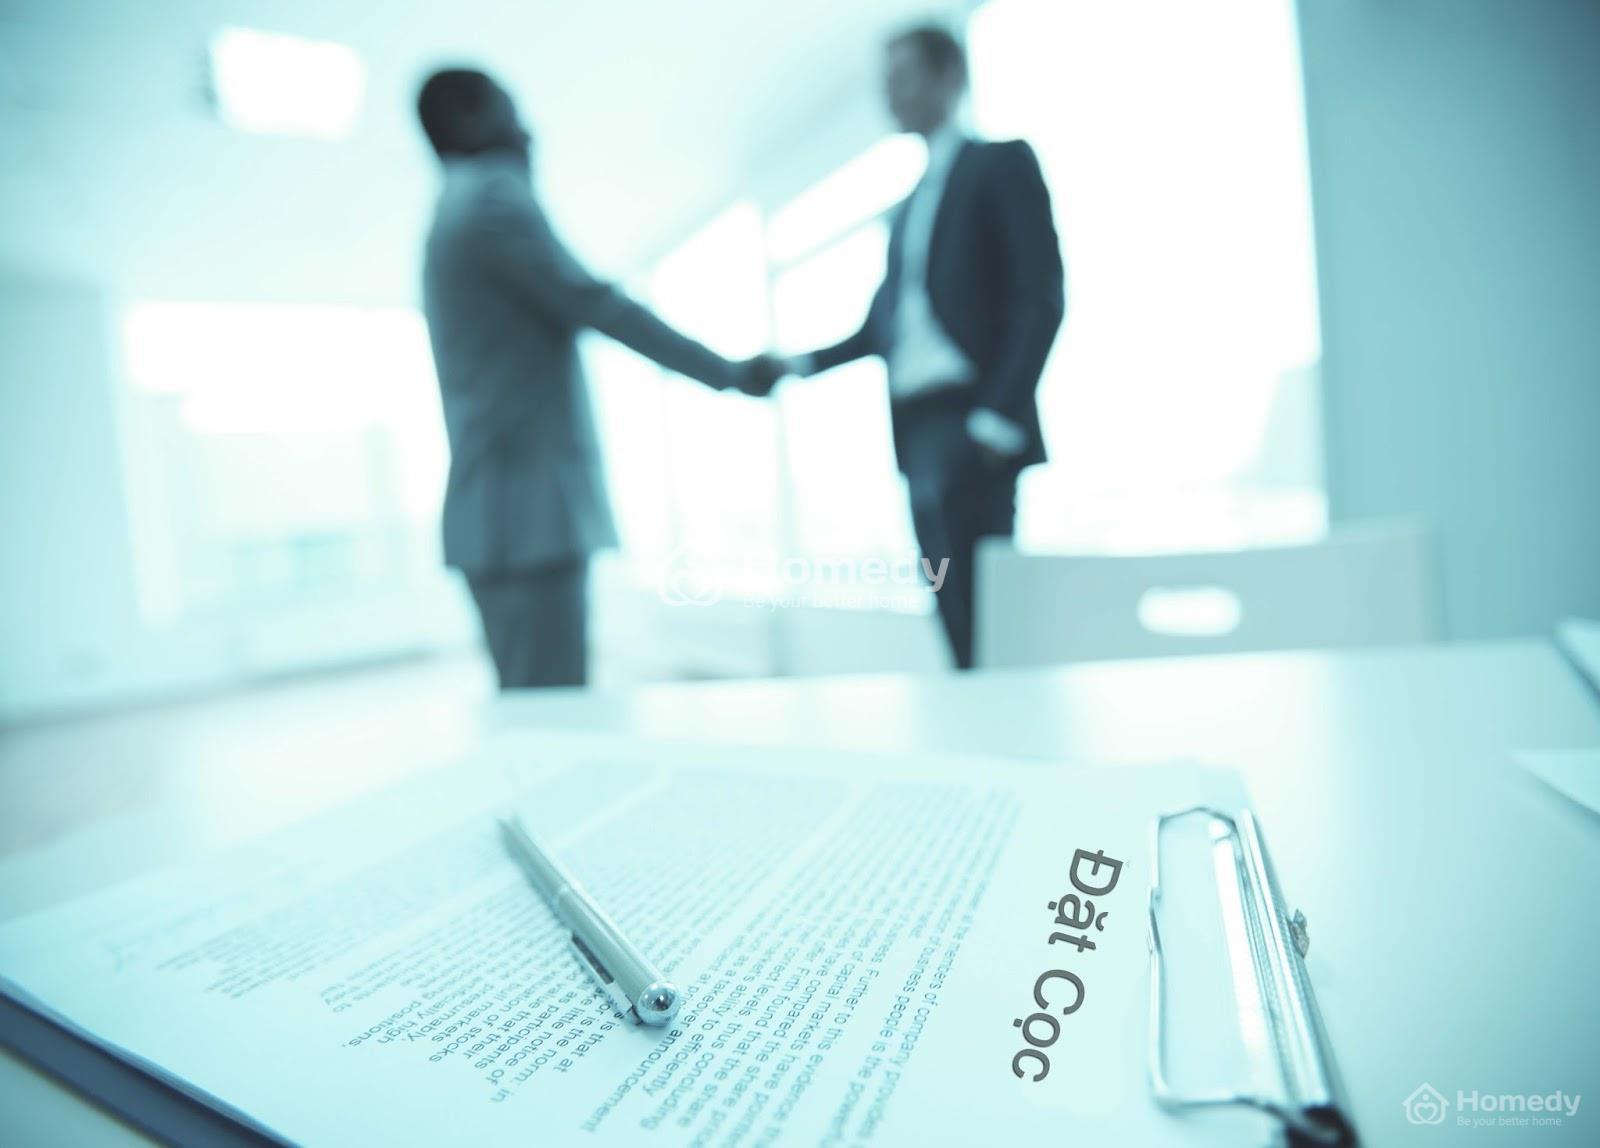 Tải mẫu hợp đồng đặt cọc thuê nhà ngắn gọn, hợp pháp 2020